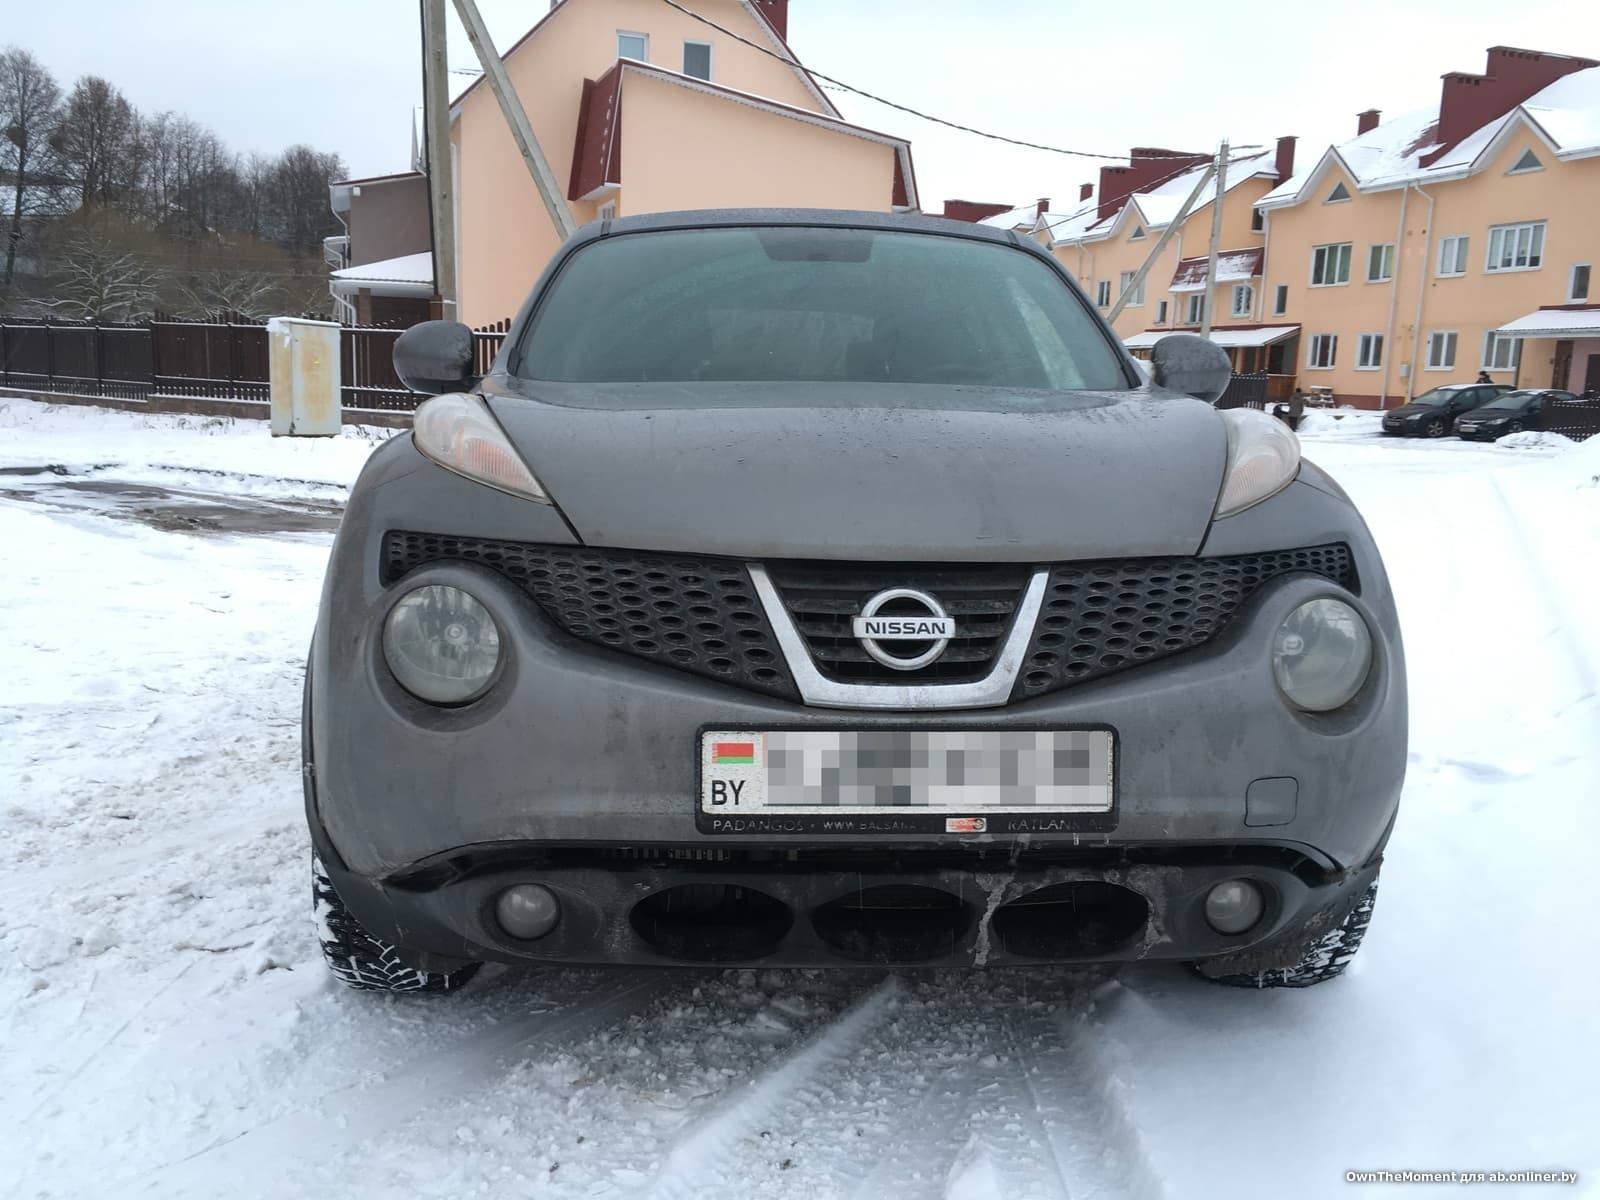 Nissan Juke SL